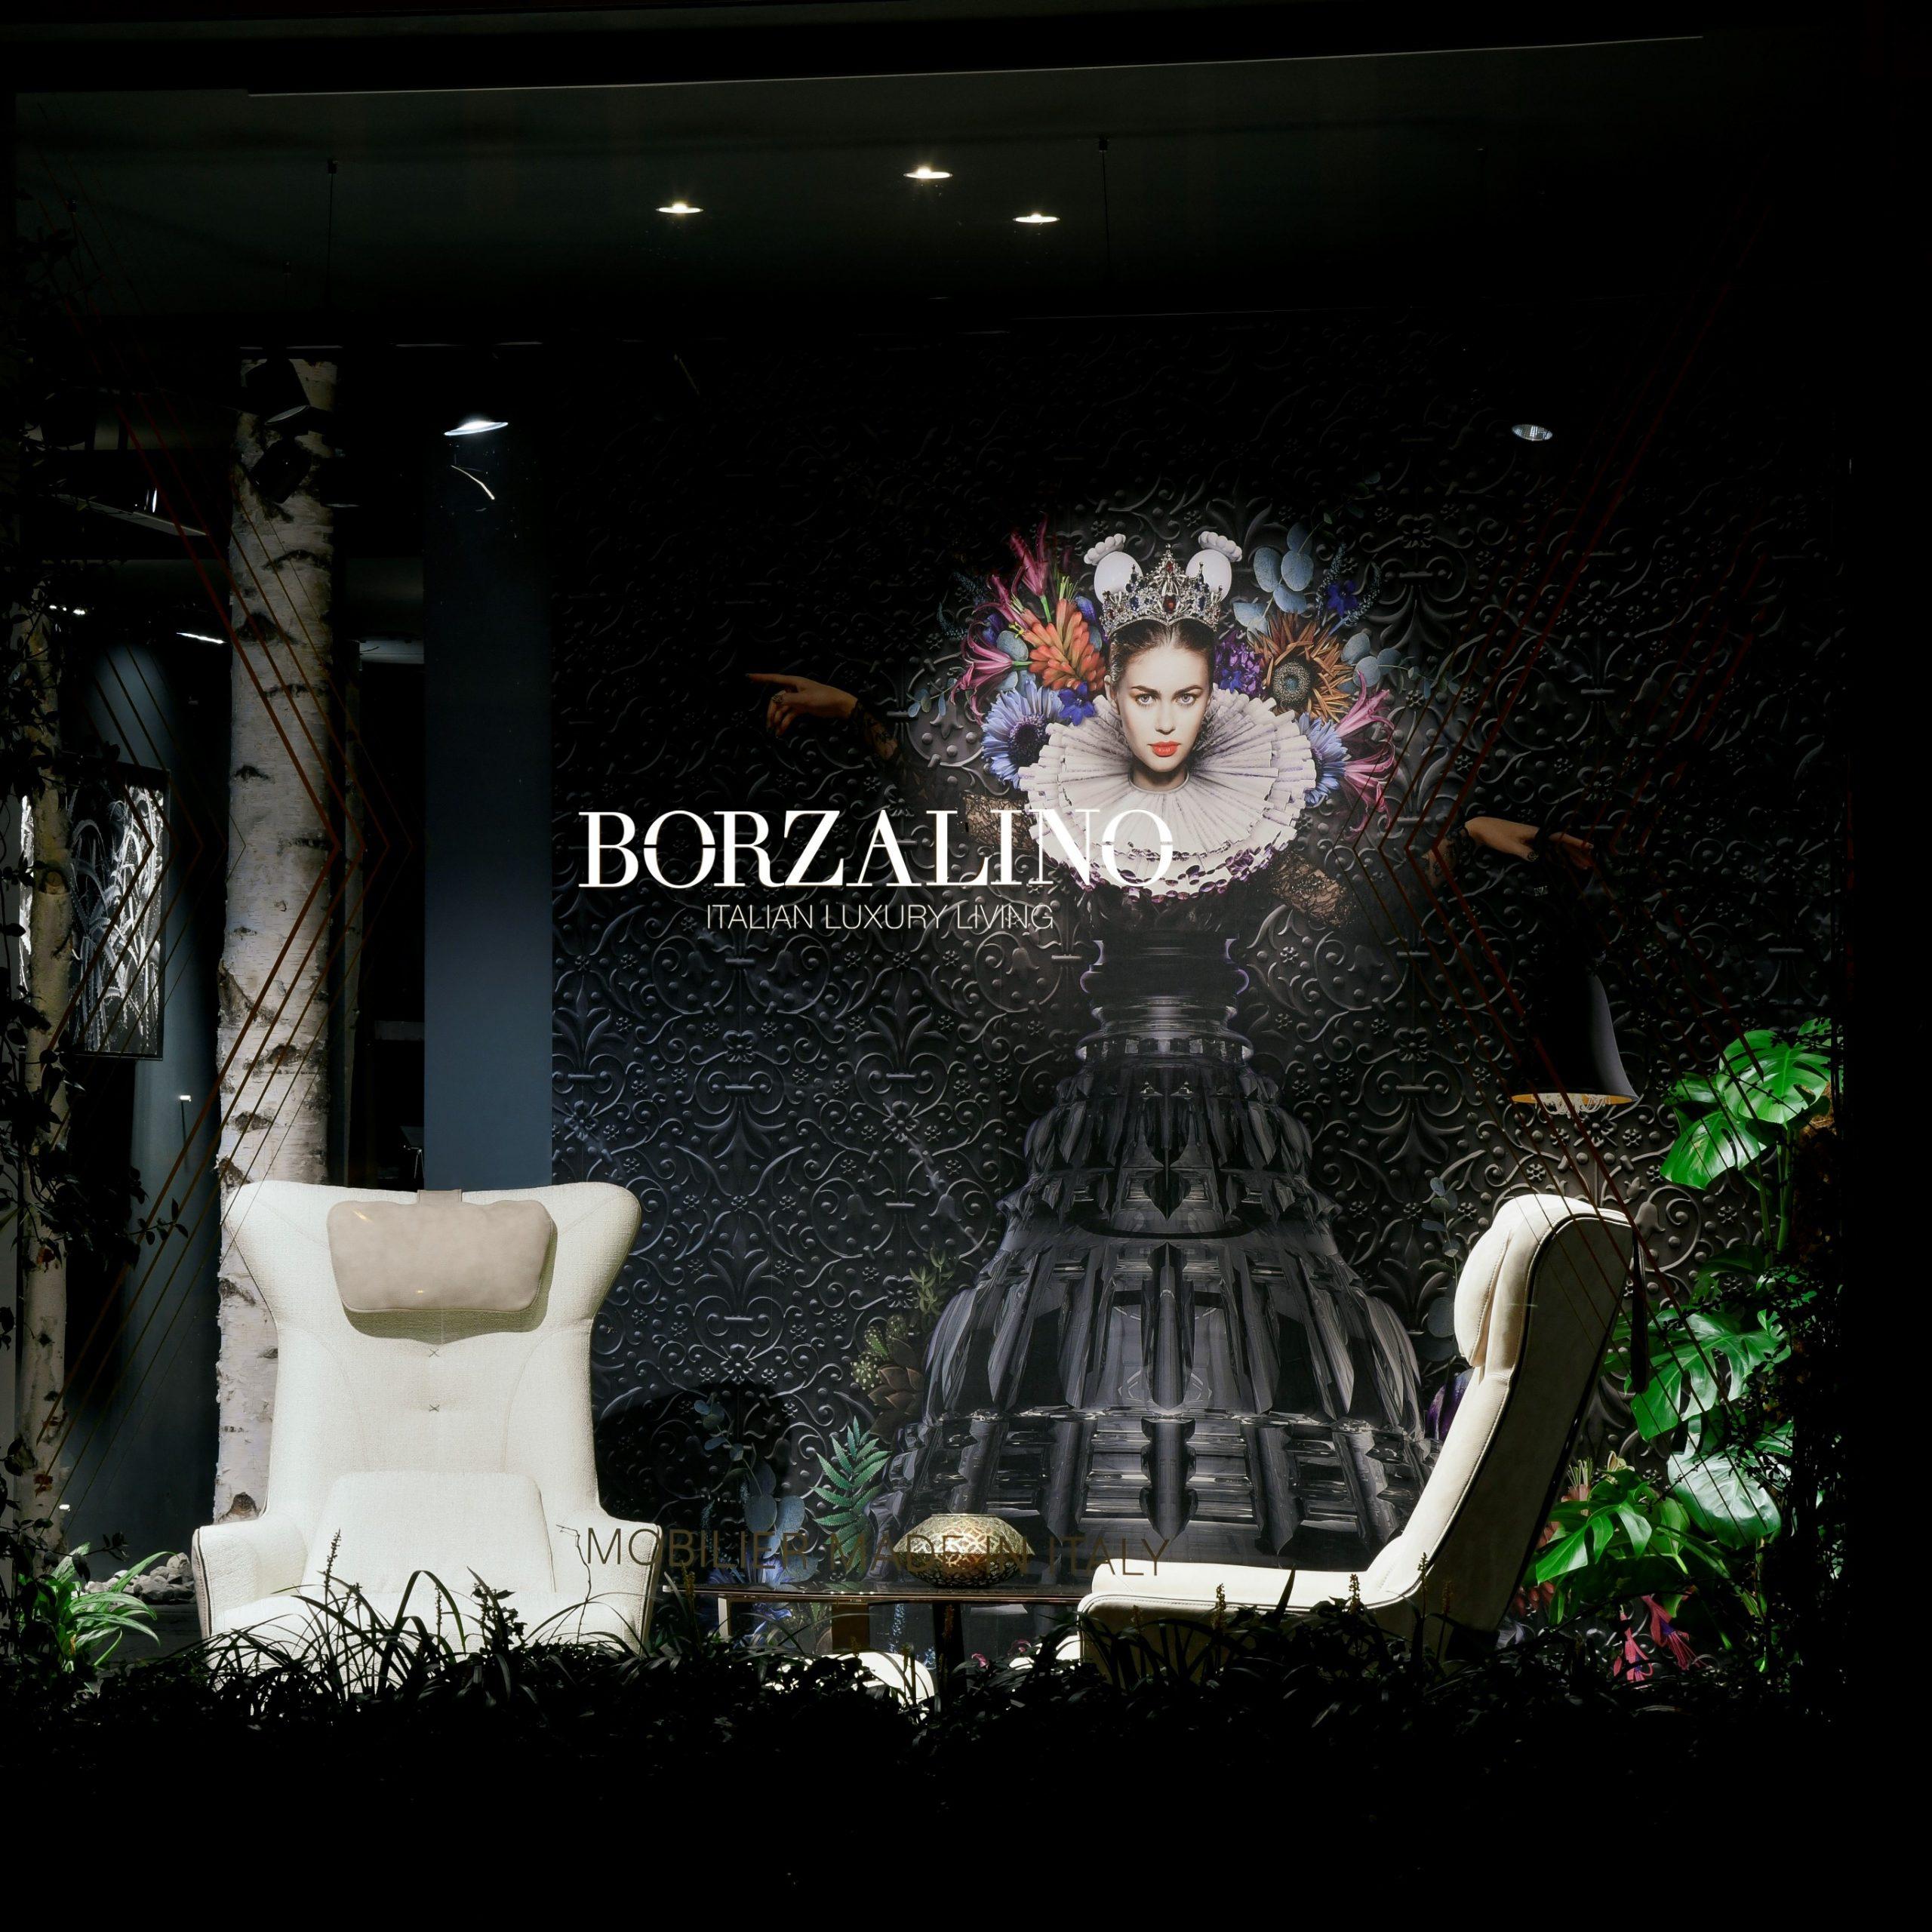 Borzalino